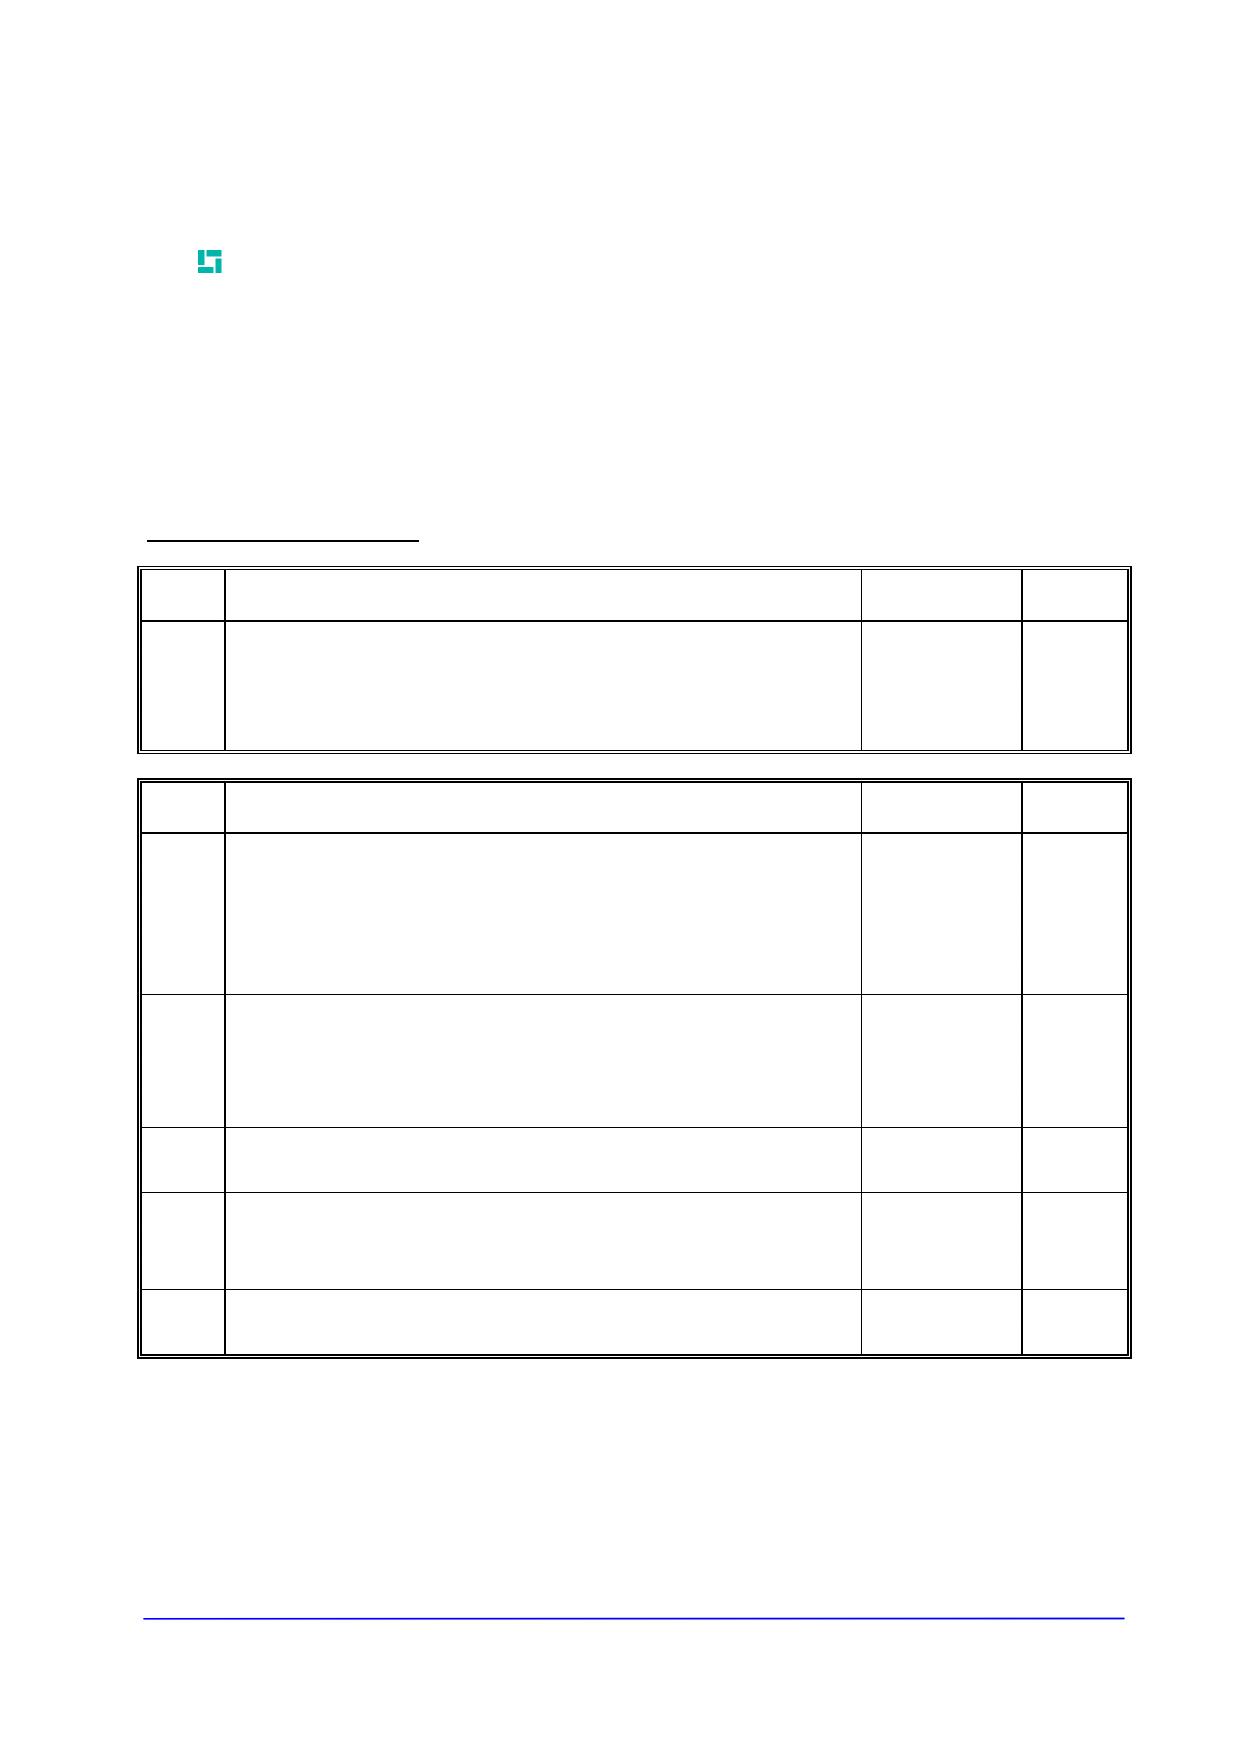 R0472YS14J datasheet